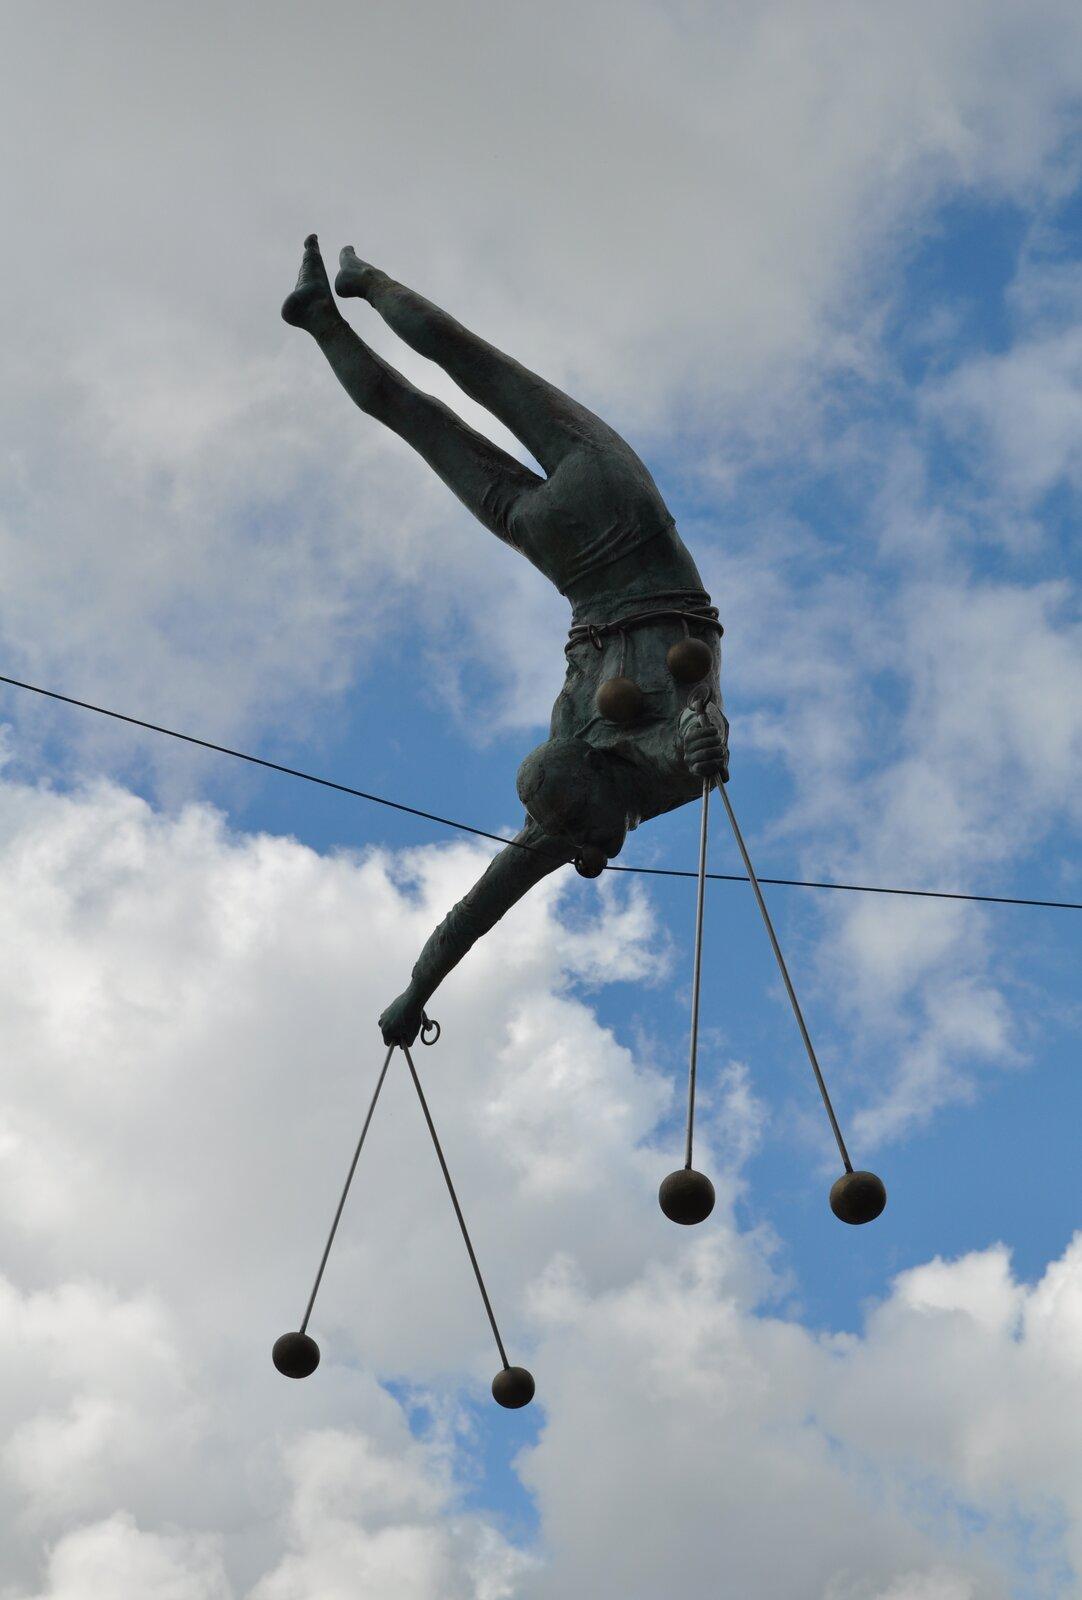 """Ilustracja przedstawia rzeźbę Jerzego Jotki Kędziory pt. """"Click Clack"""". Dzieło przedstawia akrobatę wykonującego sztuczki. Stoi on na głowie na linie. Zobu rąk zwisa mu po parze kulek na sznurkach."""